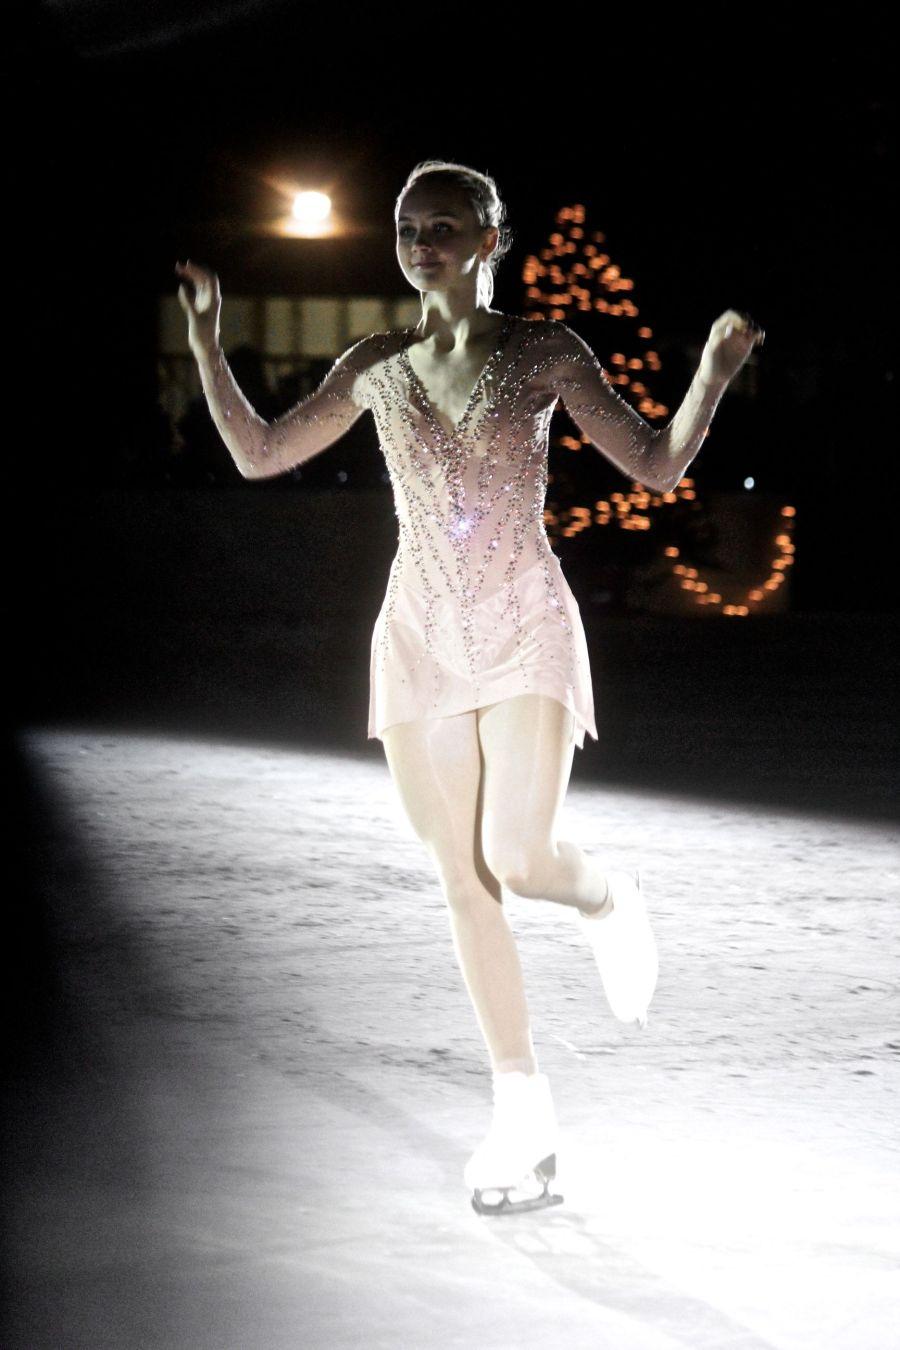 boston common christmas tree lighting december 3 2015 frog pond skating show ice skater 4